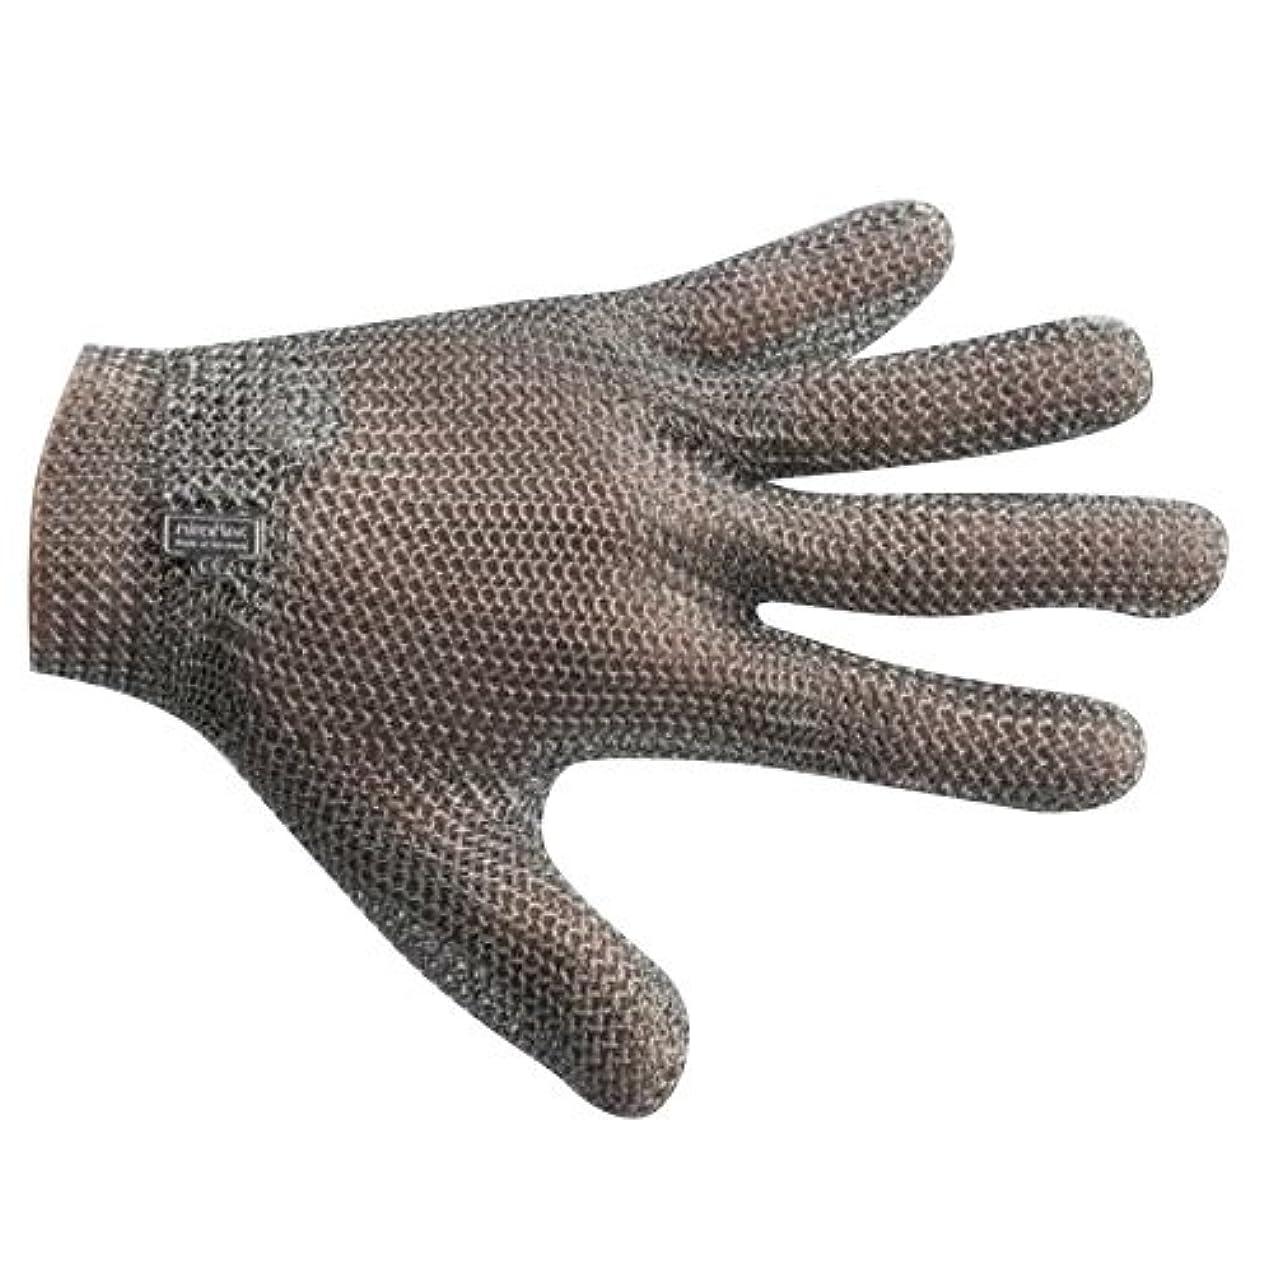 動力学とは異なりご注意宇都宮製作 GU-2500 ステンレスメッシュ手袋 5本指(左右兼用) S